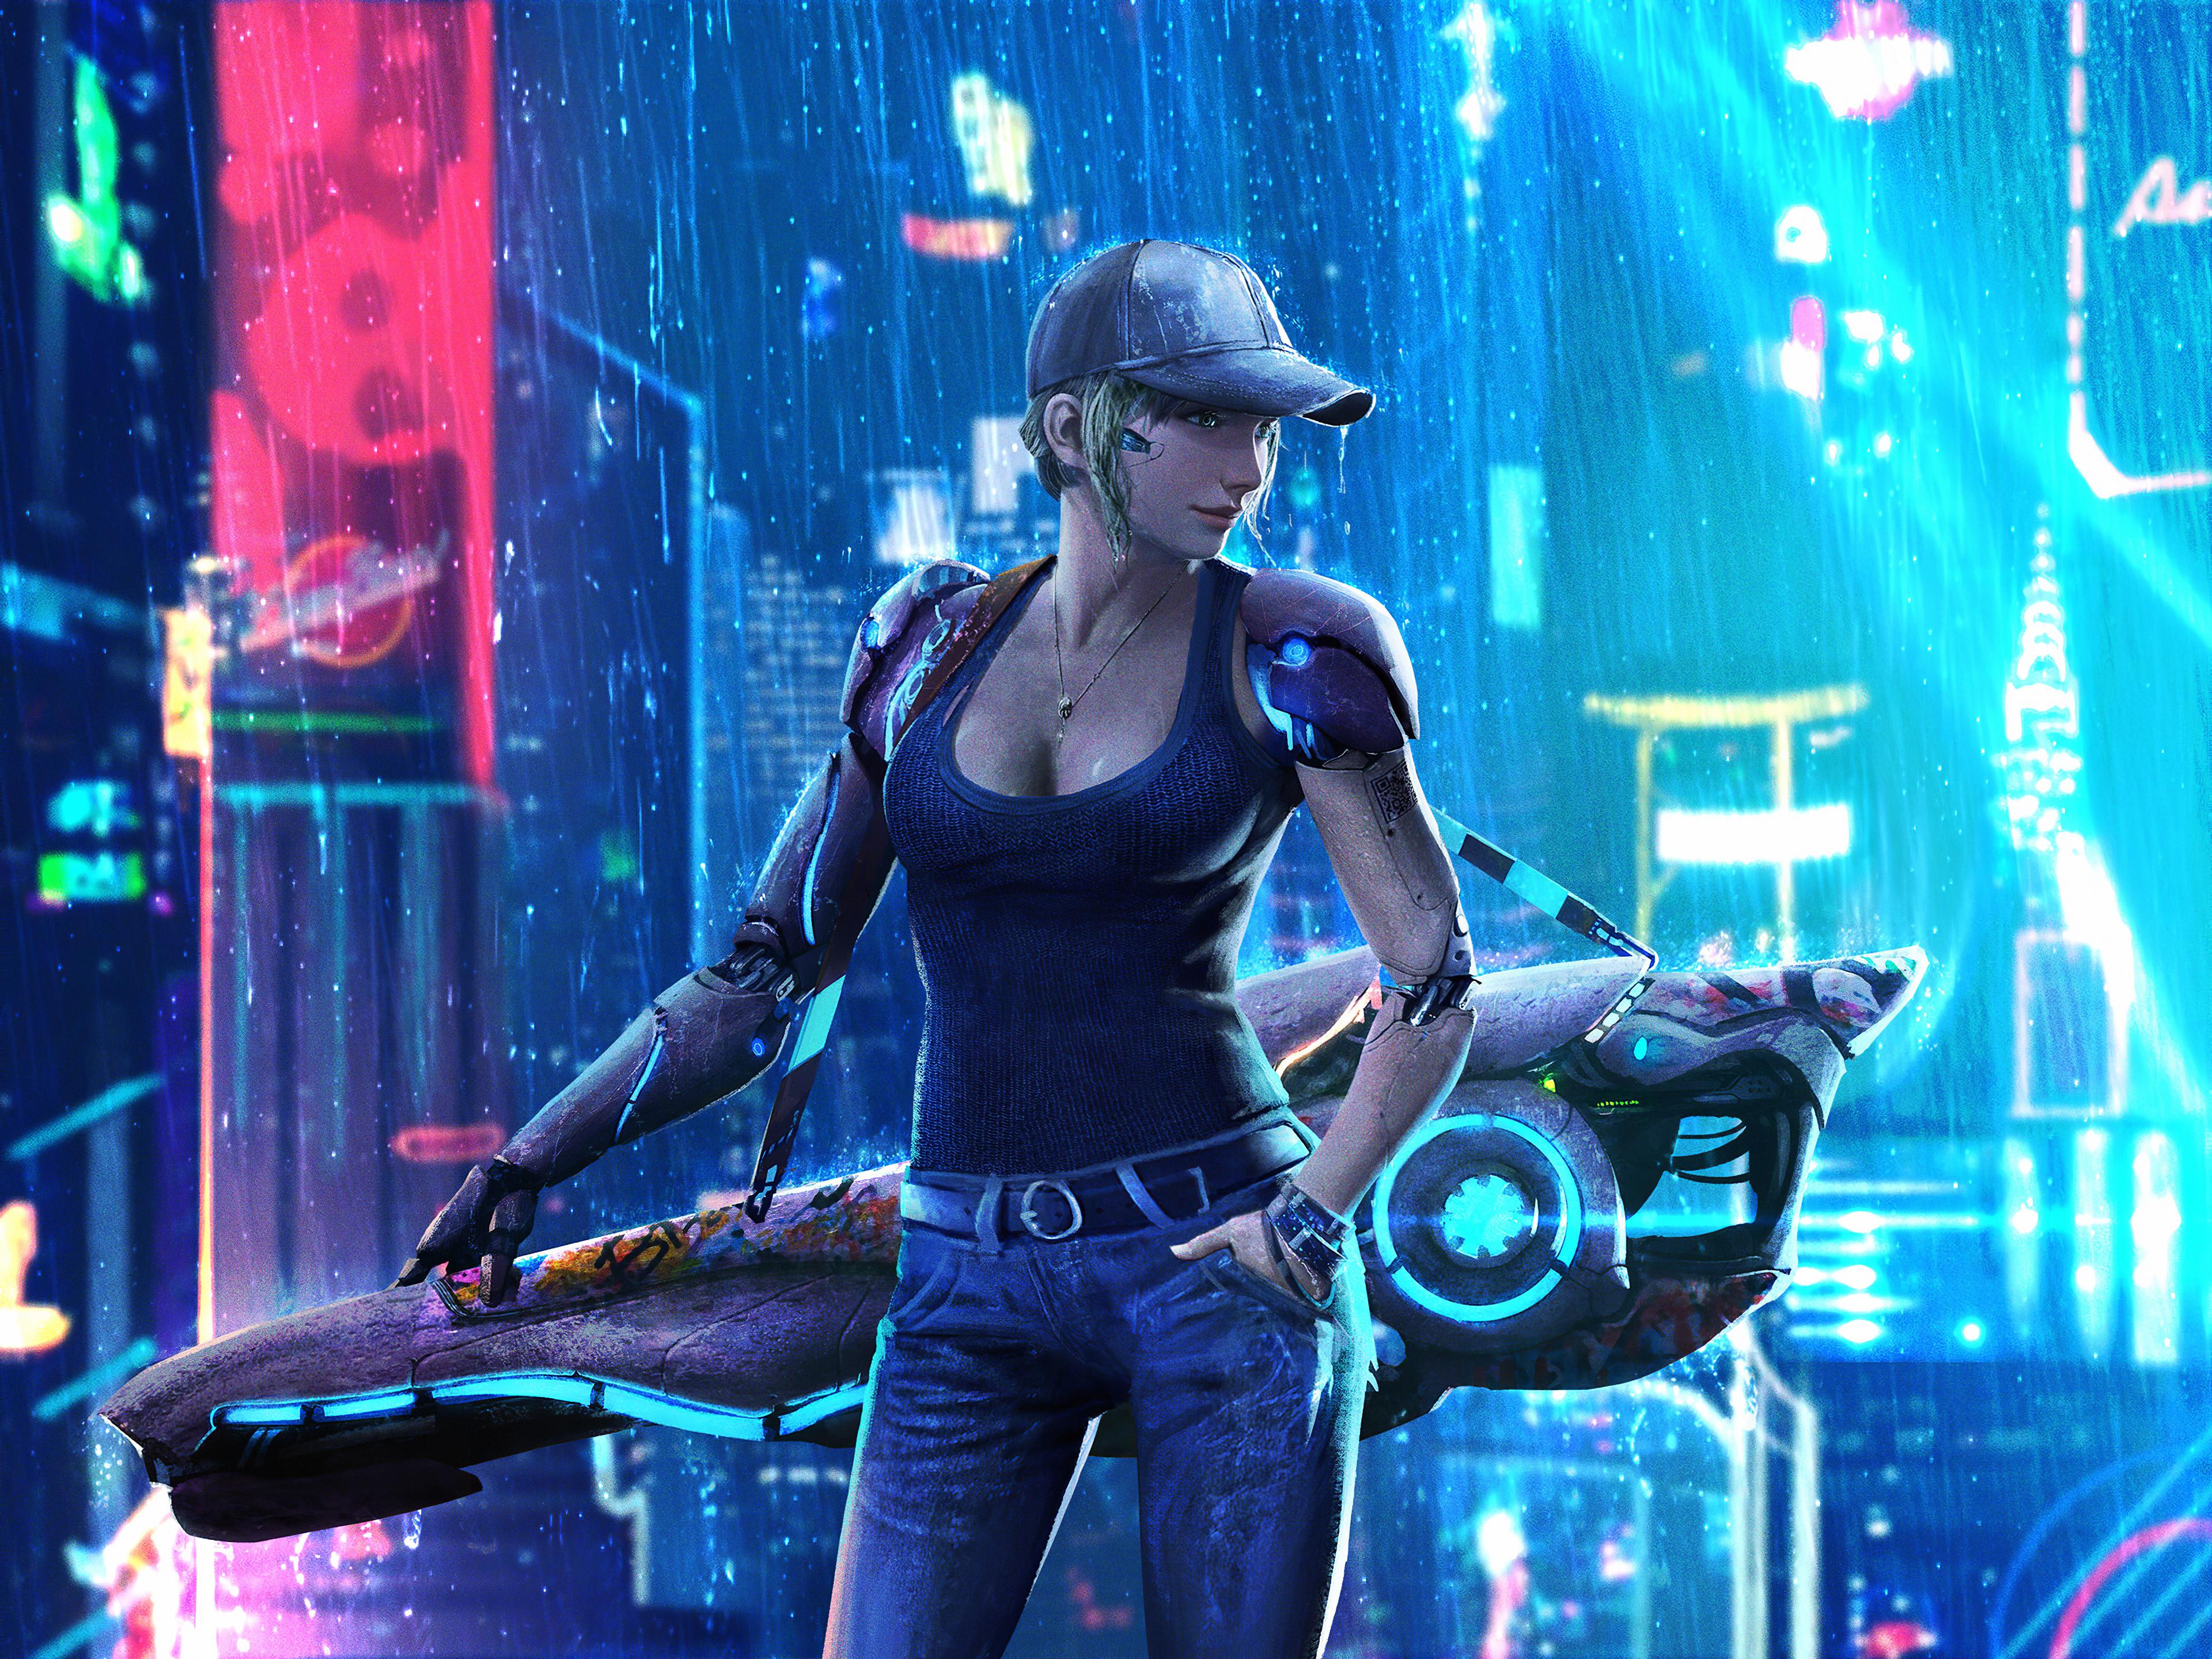 cybergirl city bike 1578254995 - Cybergirl City Bike -